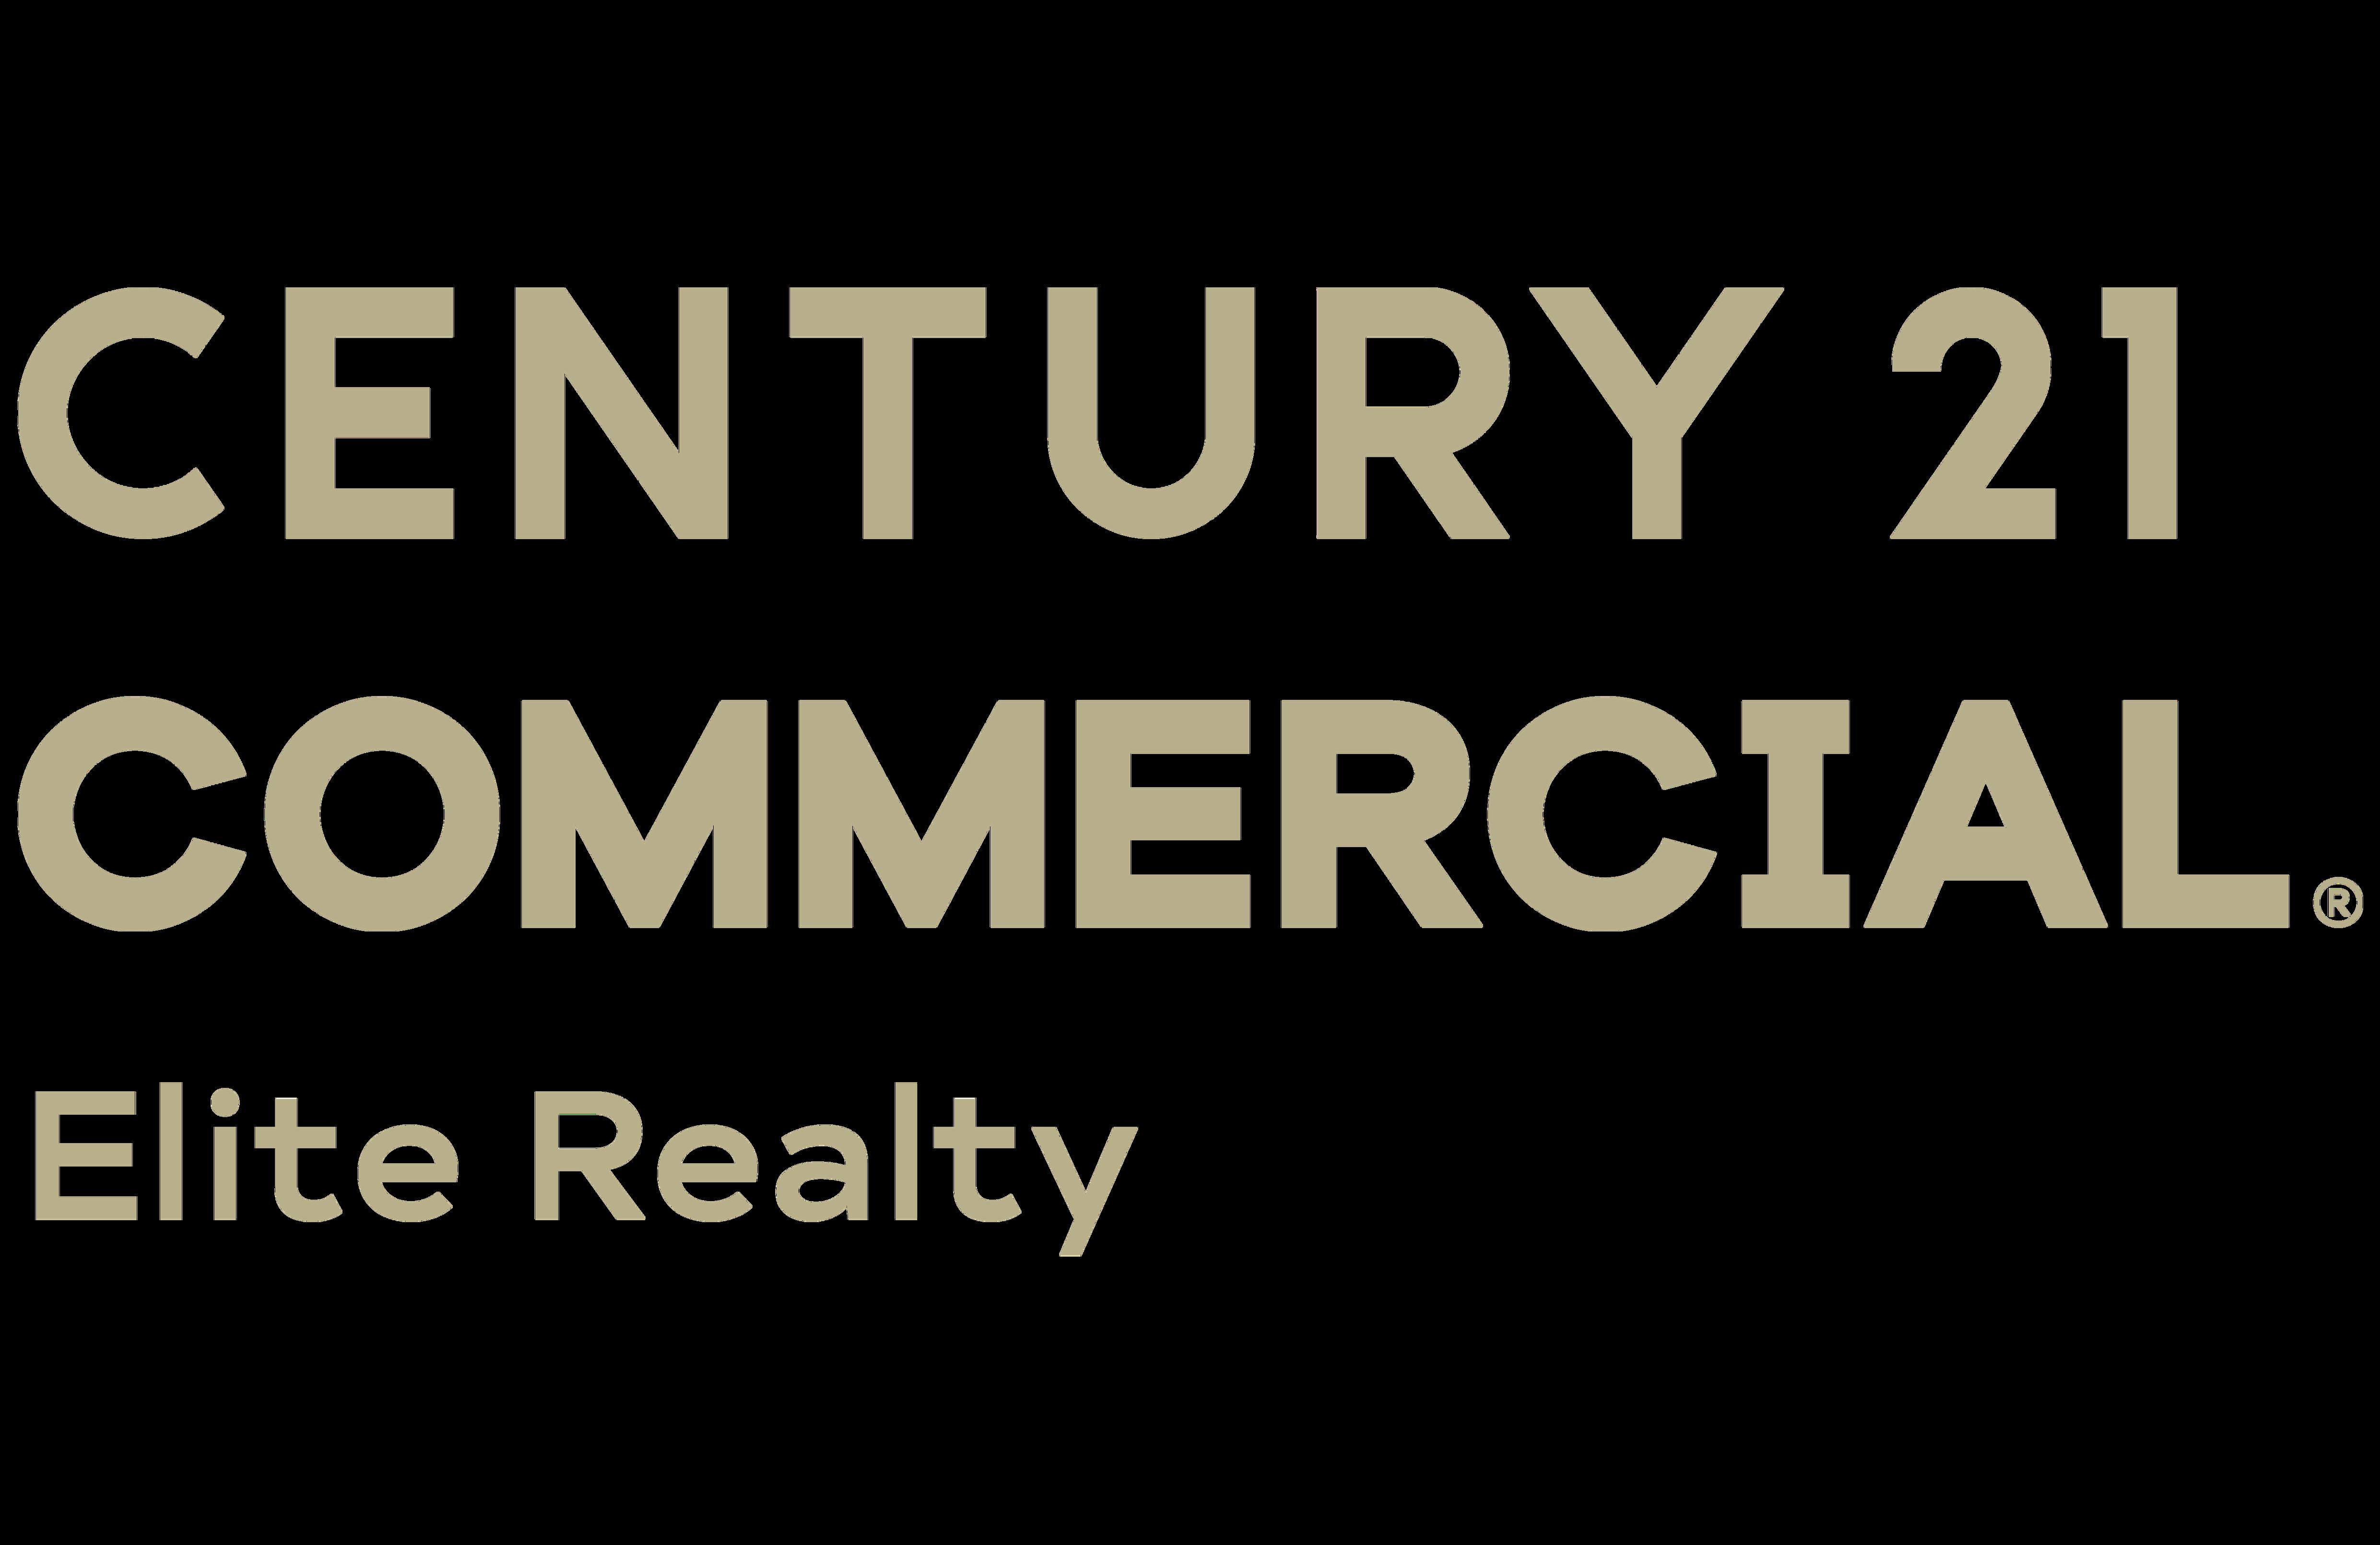 CENTURY 21 Elite Realty